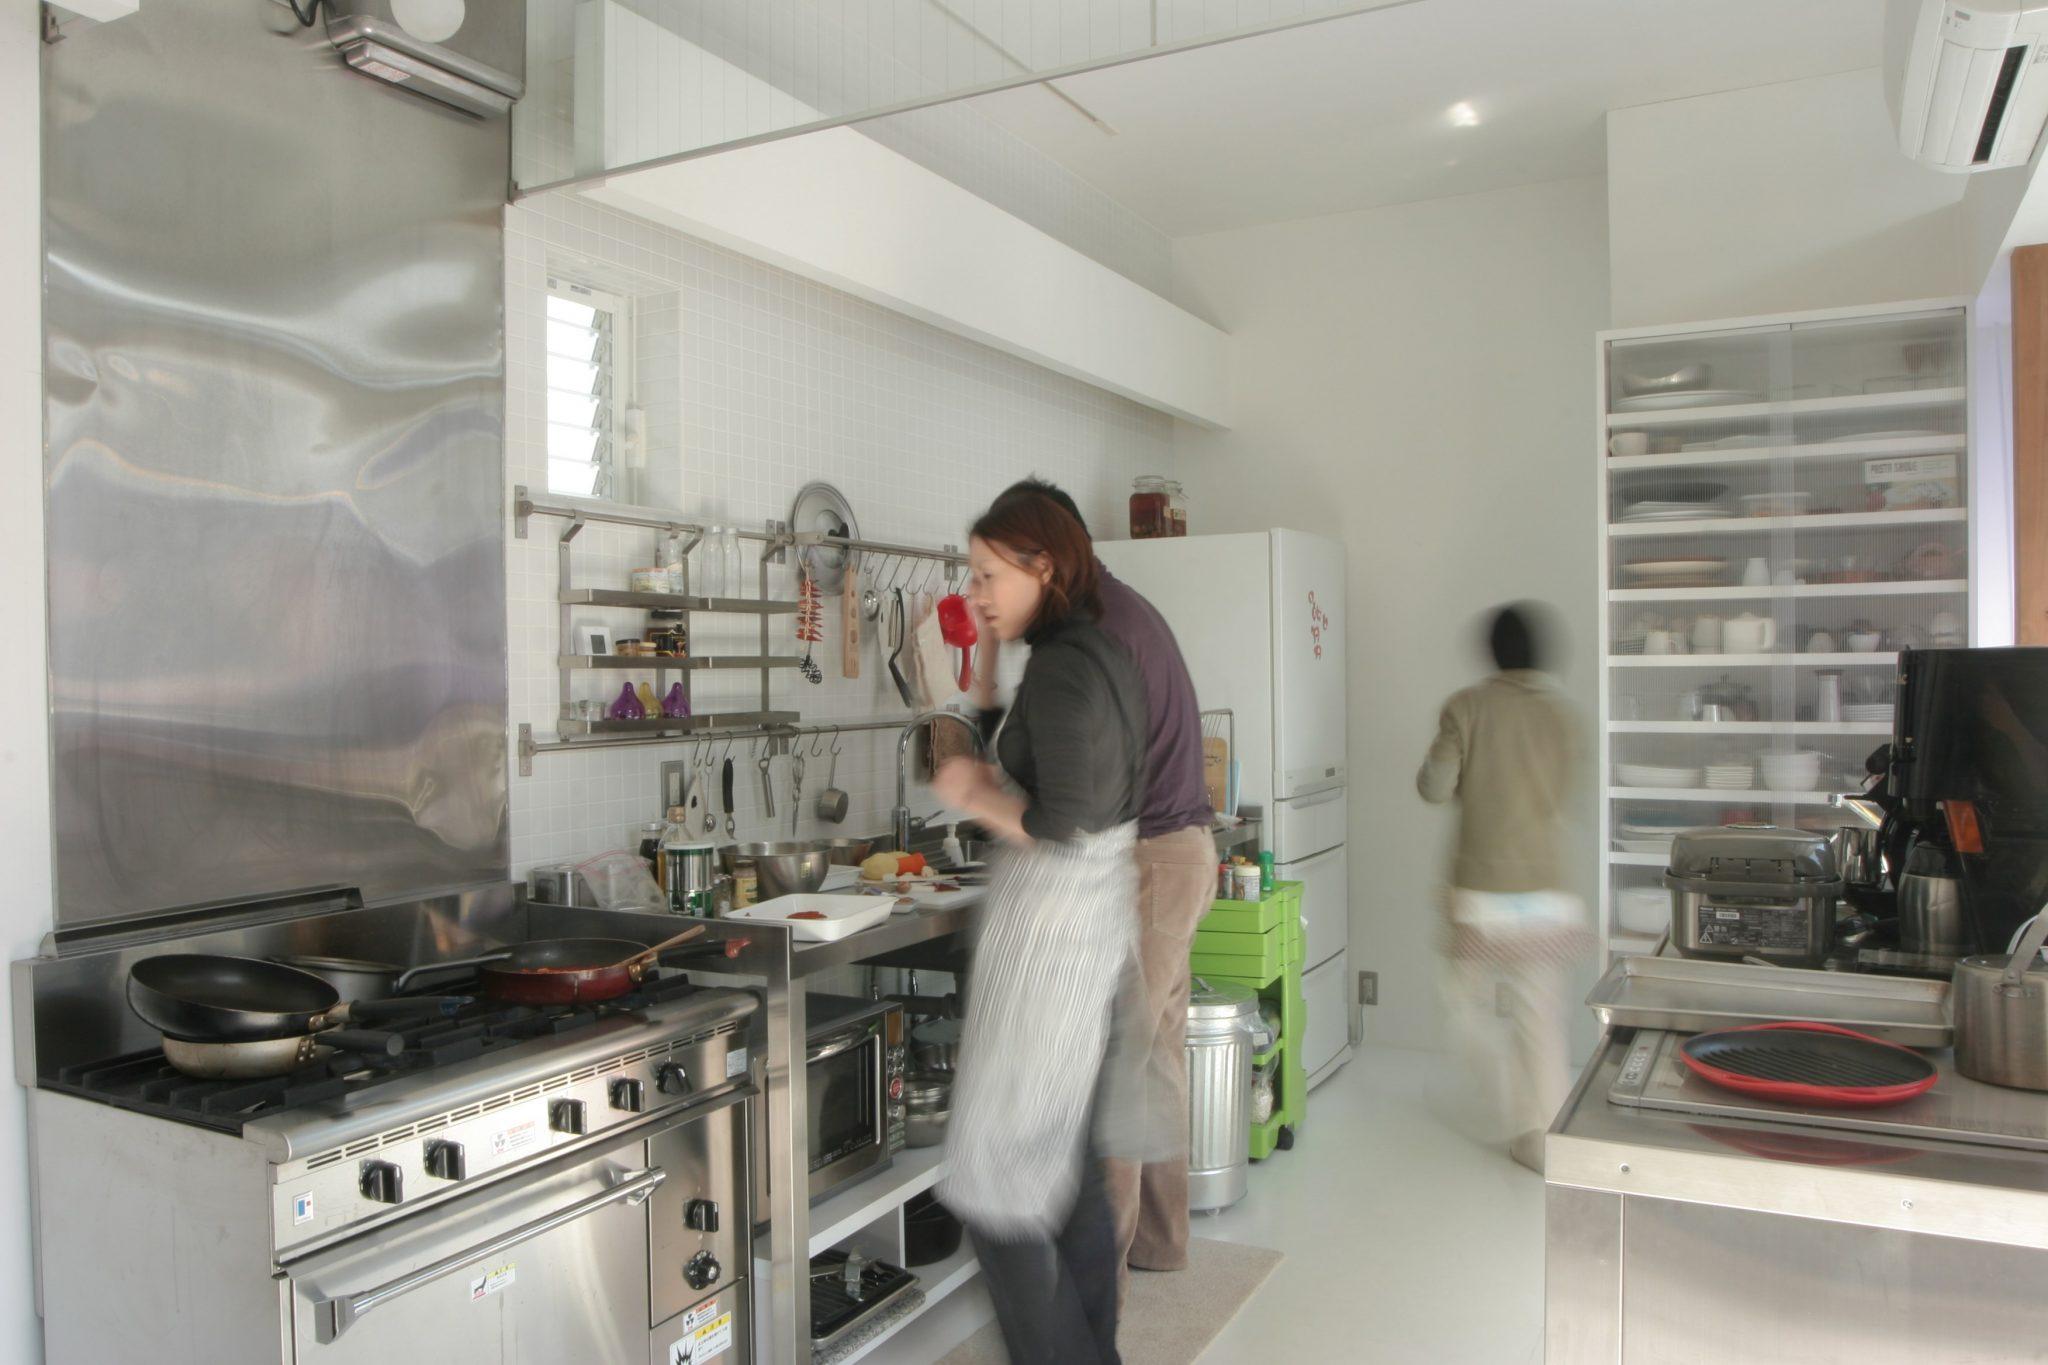 《徳島市/ひょうたん島不動産》あなたにとって理想のキッチンとは!?